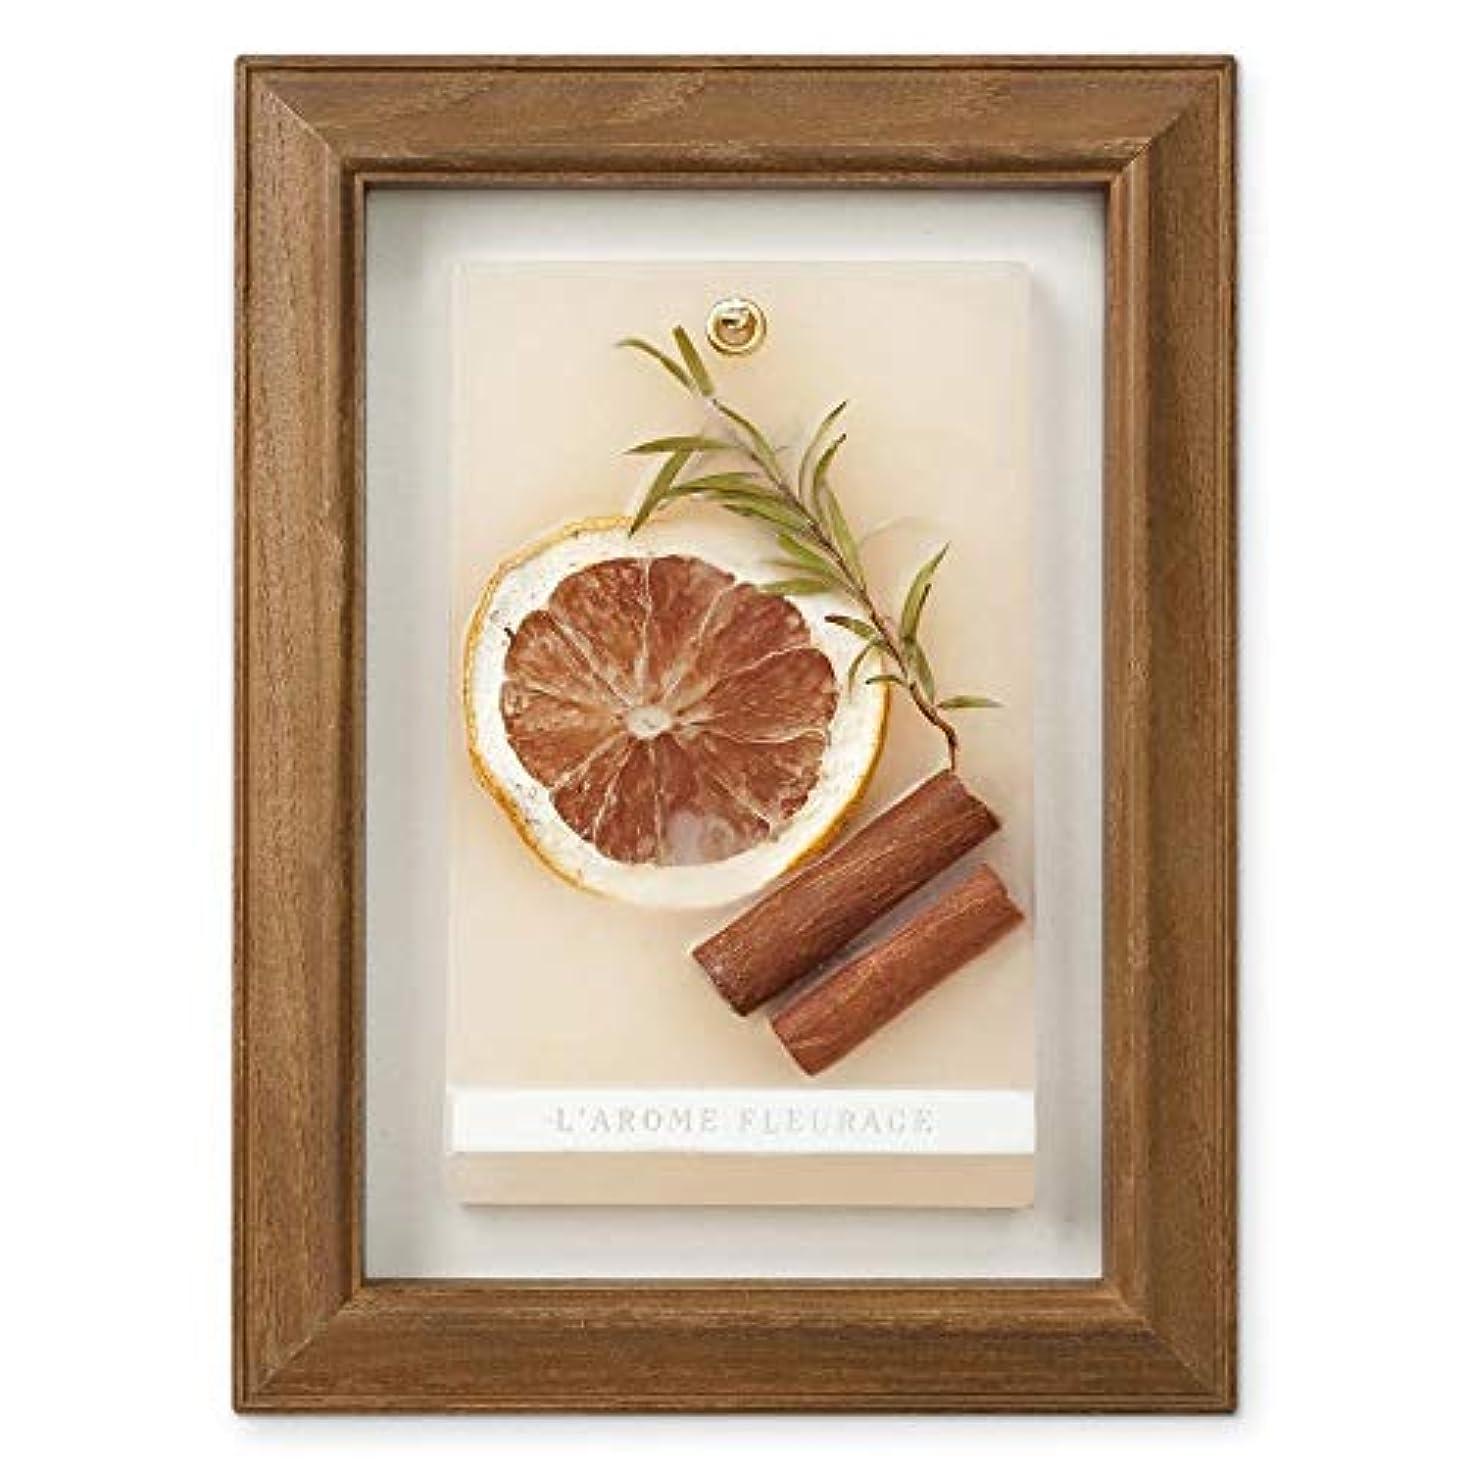 国講堂タイプFLEURAGE(フルラージュ) アロマワックスサシェ スイートオレンジの香り Orange×AntiqueBrown KH-61121